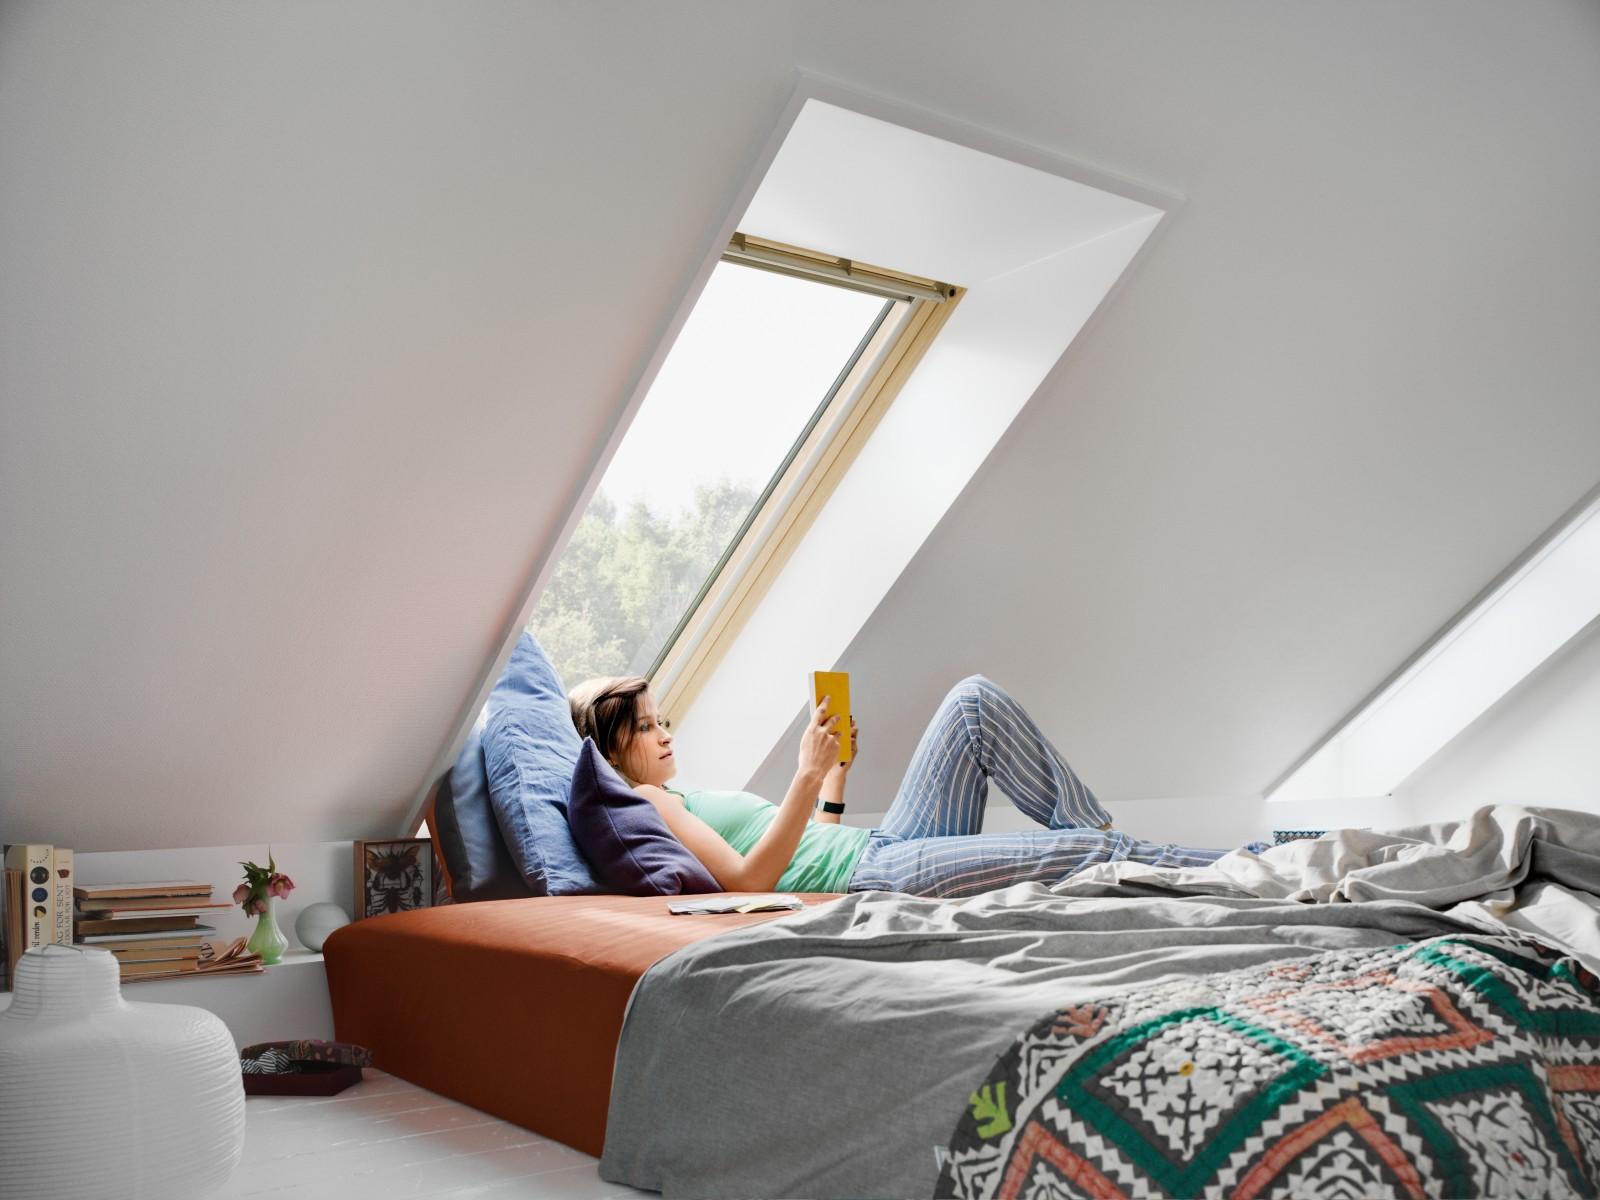 remplacer ses anciennes fen tres velux gagner en confort et faire des conomies d 39 nergie. Black Bedroom Furniture Sets. Home Design Ideas